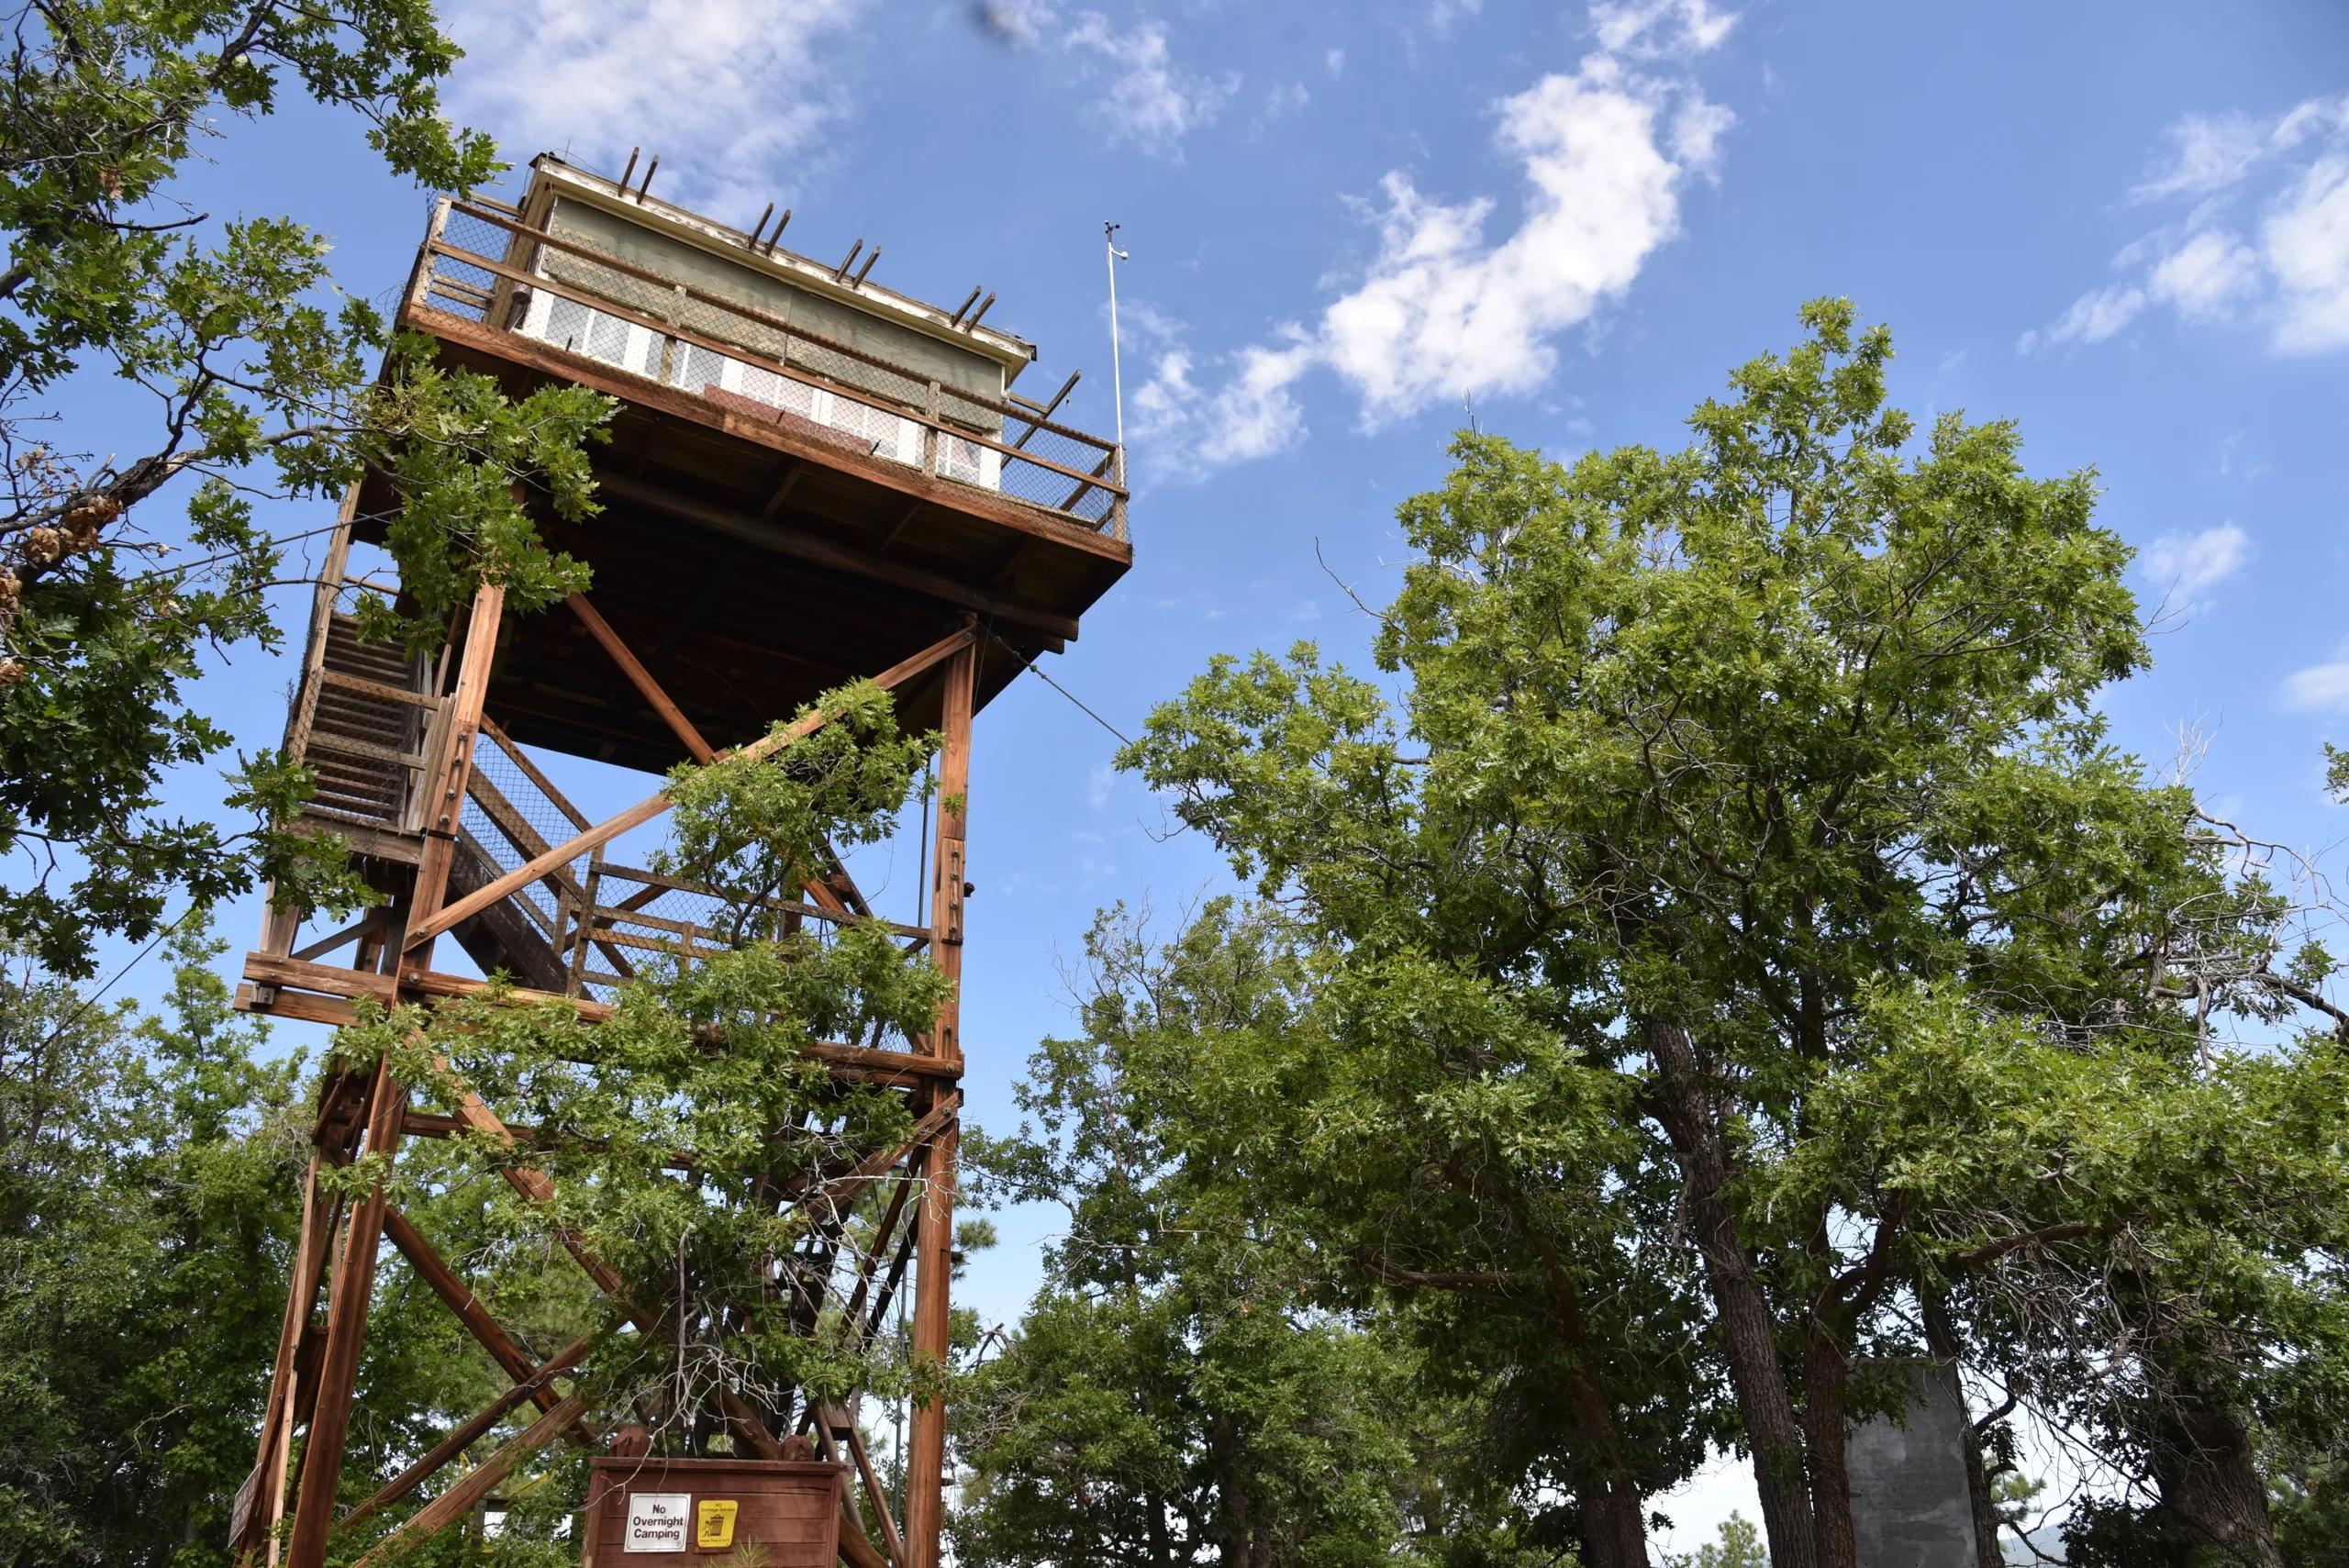 Buck Mountain Fire Lookout Tower, AZ 2021